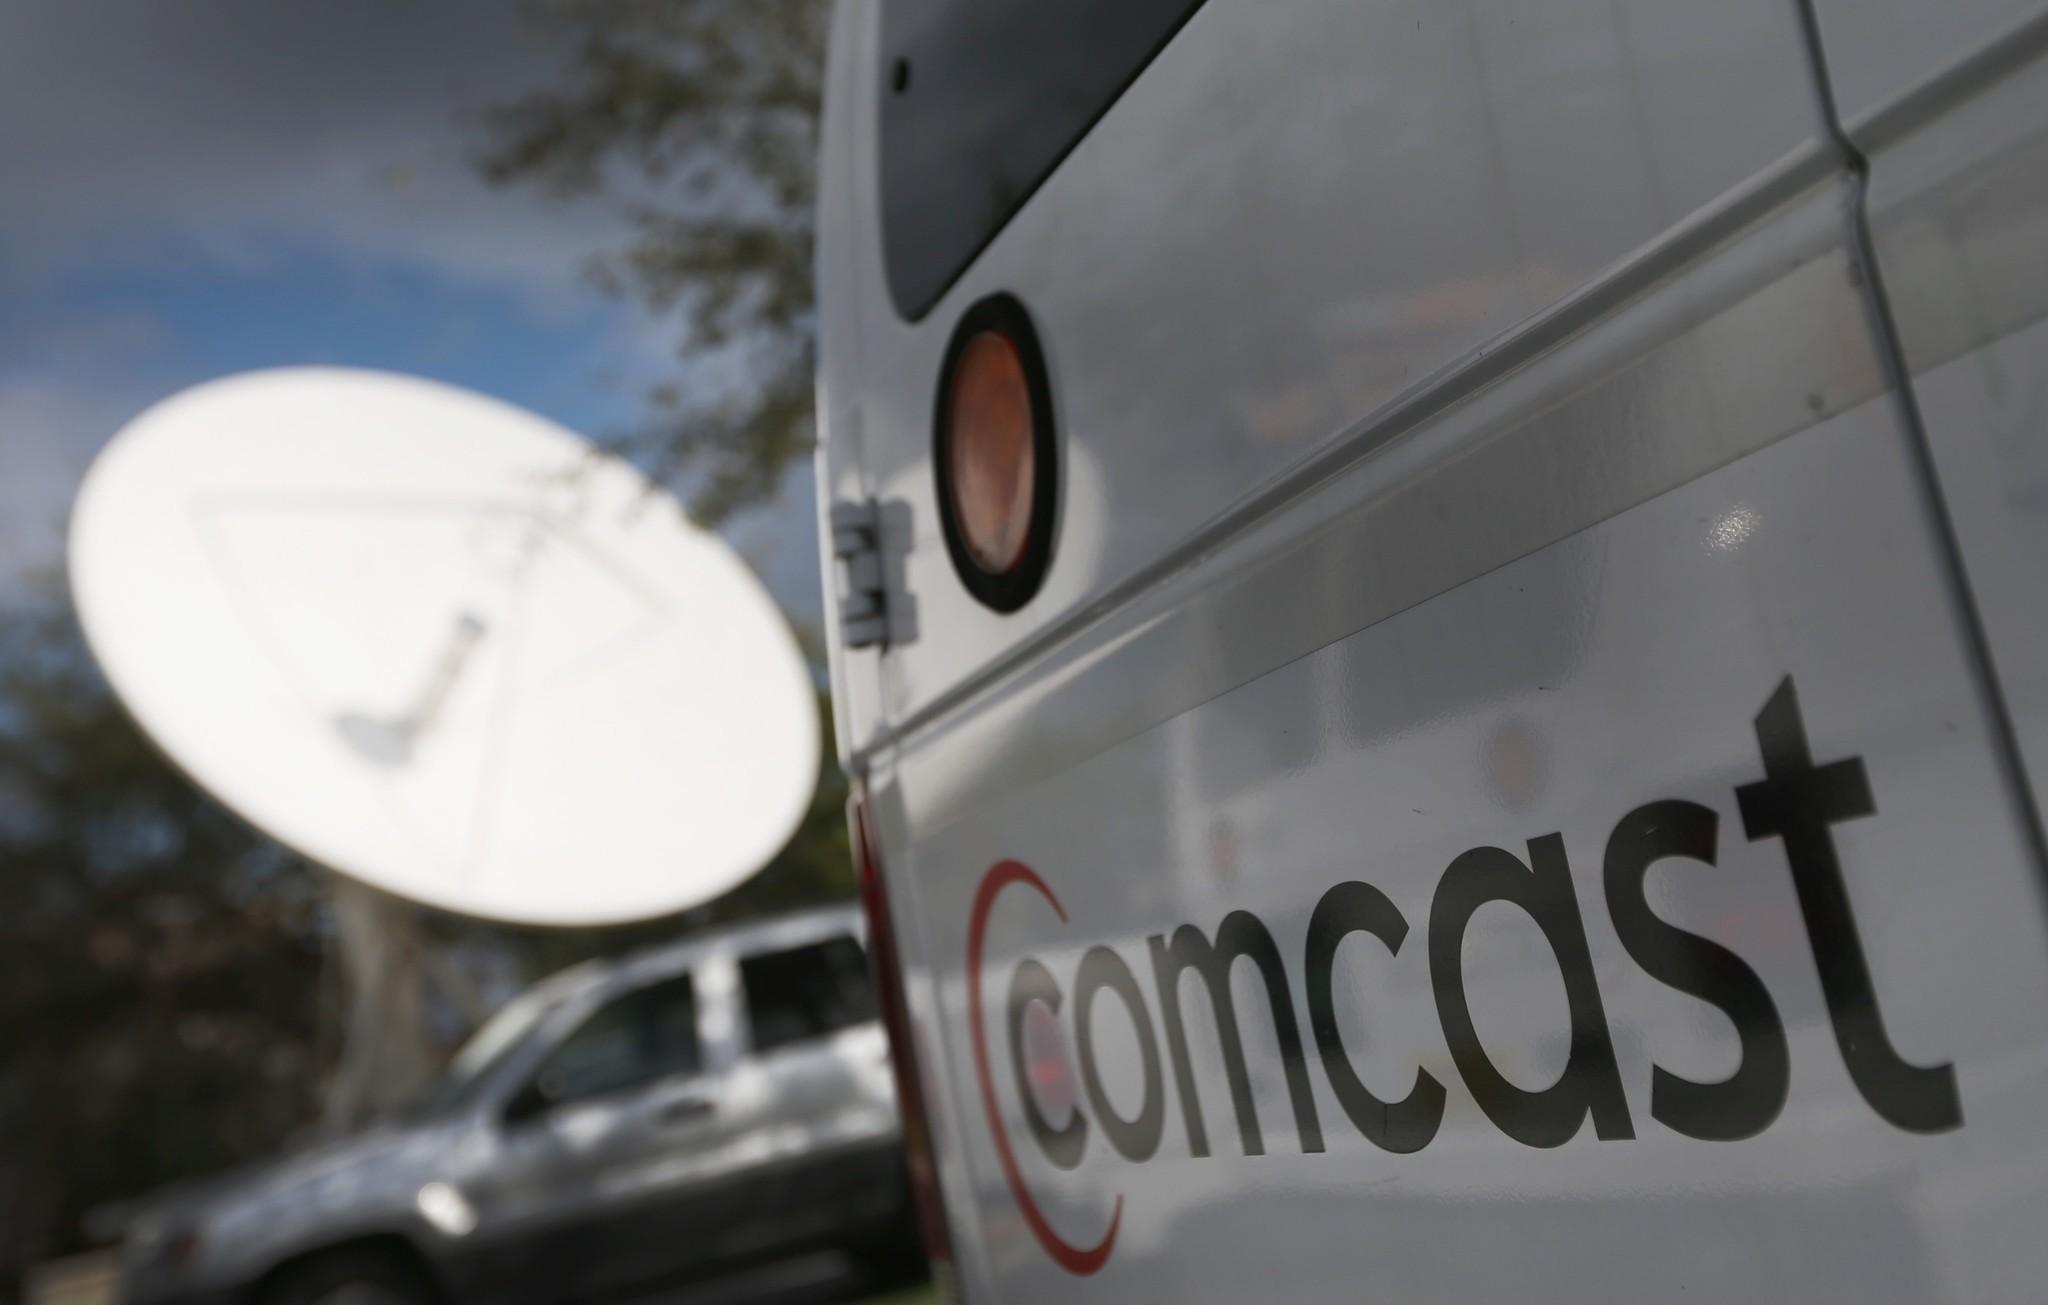 Comcast internet business plans